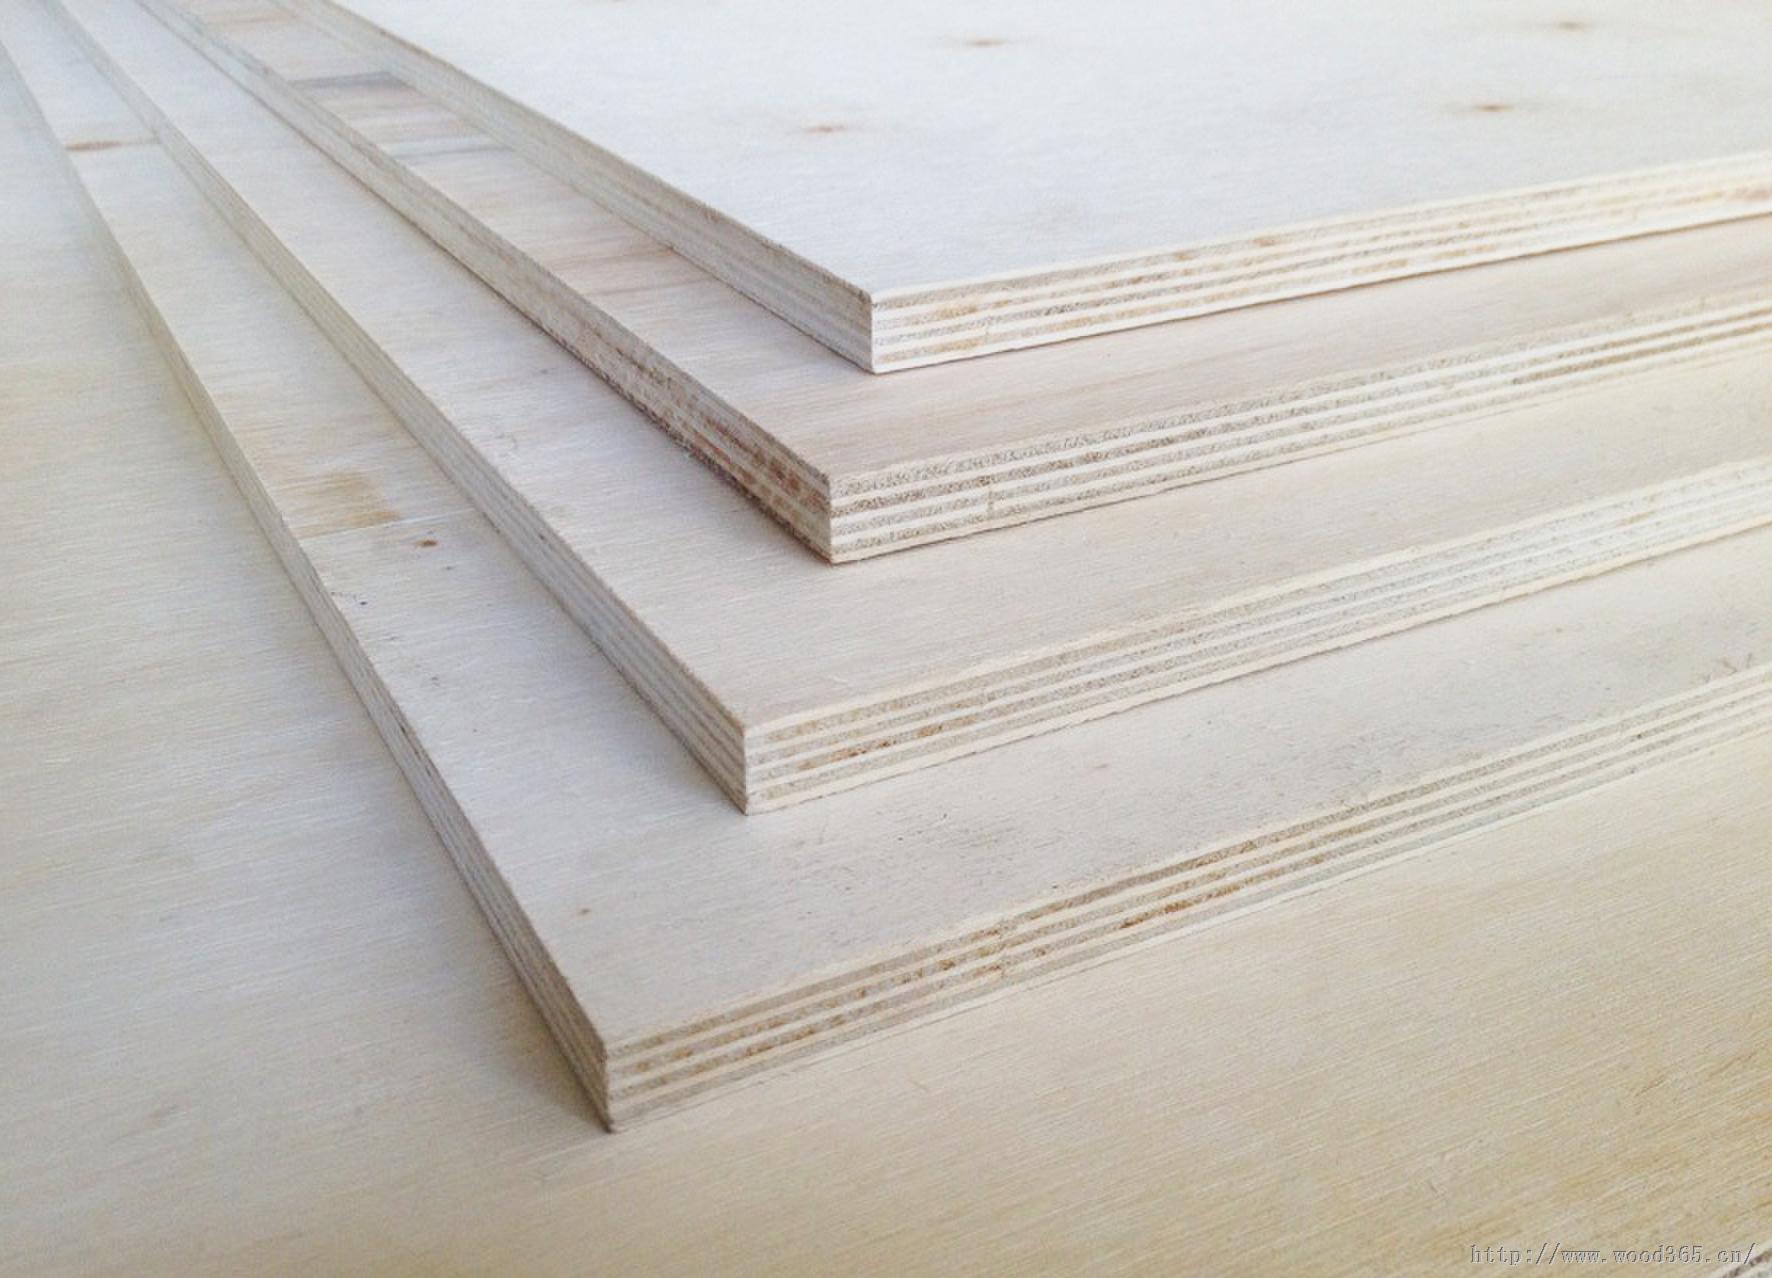 杨木基材多层板/多层实木胶合板/地板基材